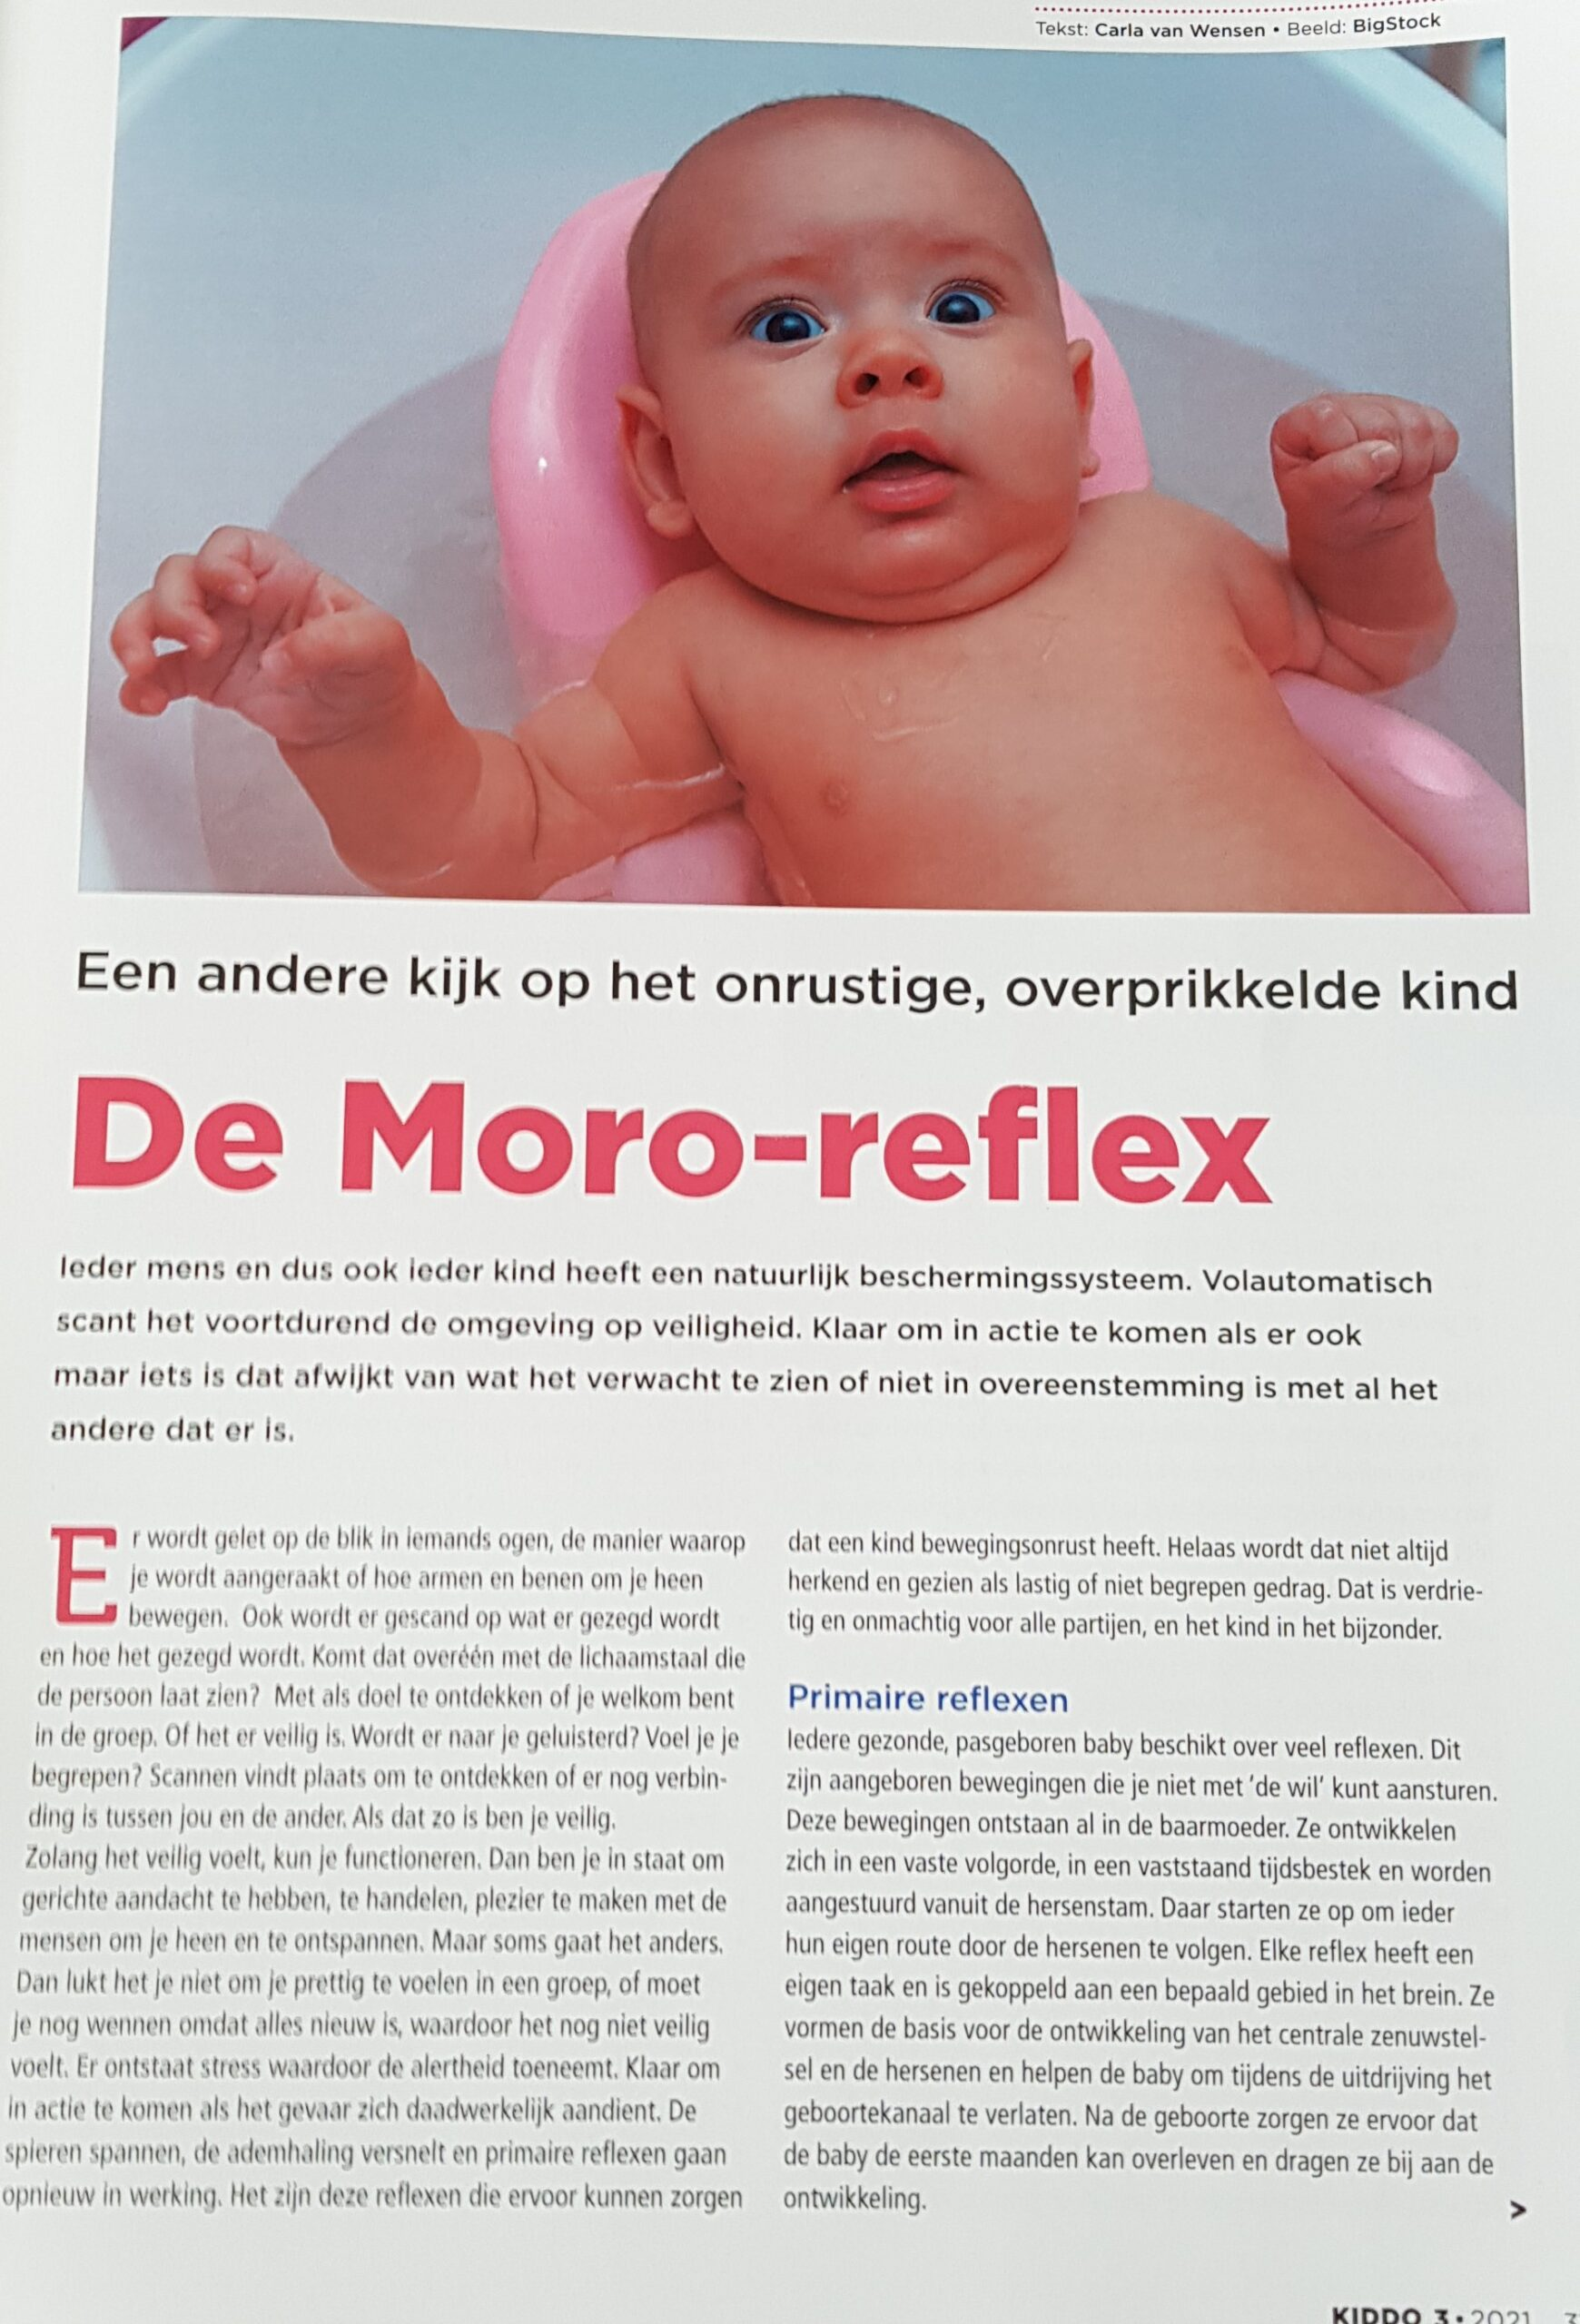 artikel over de moro-reflex in Kiddo juni 2021